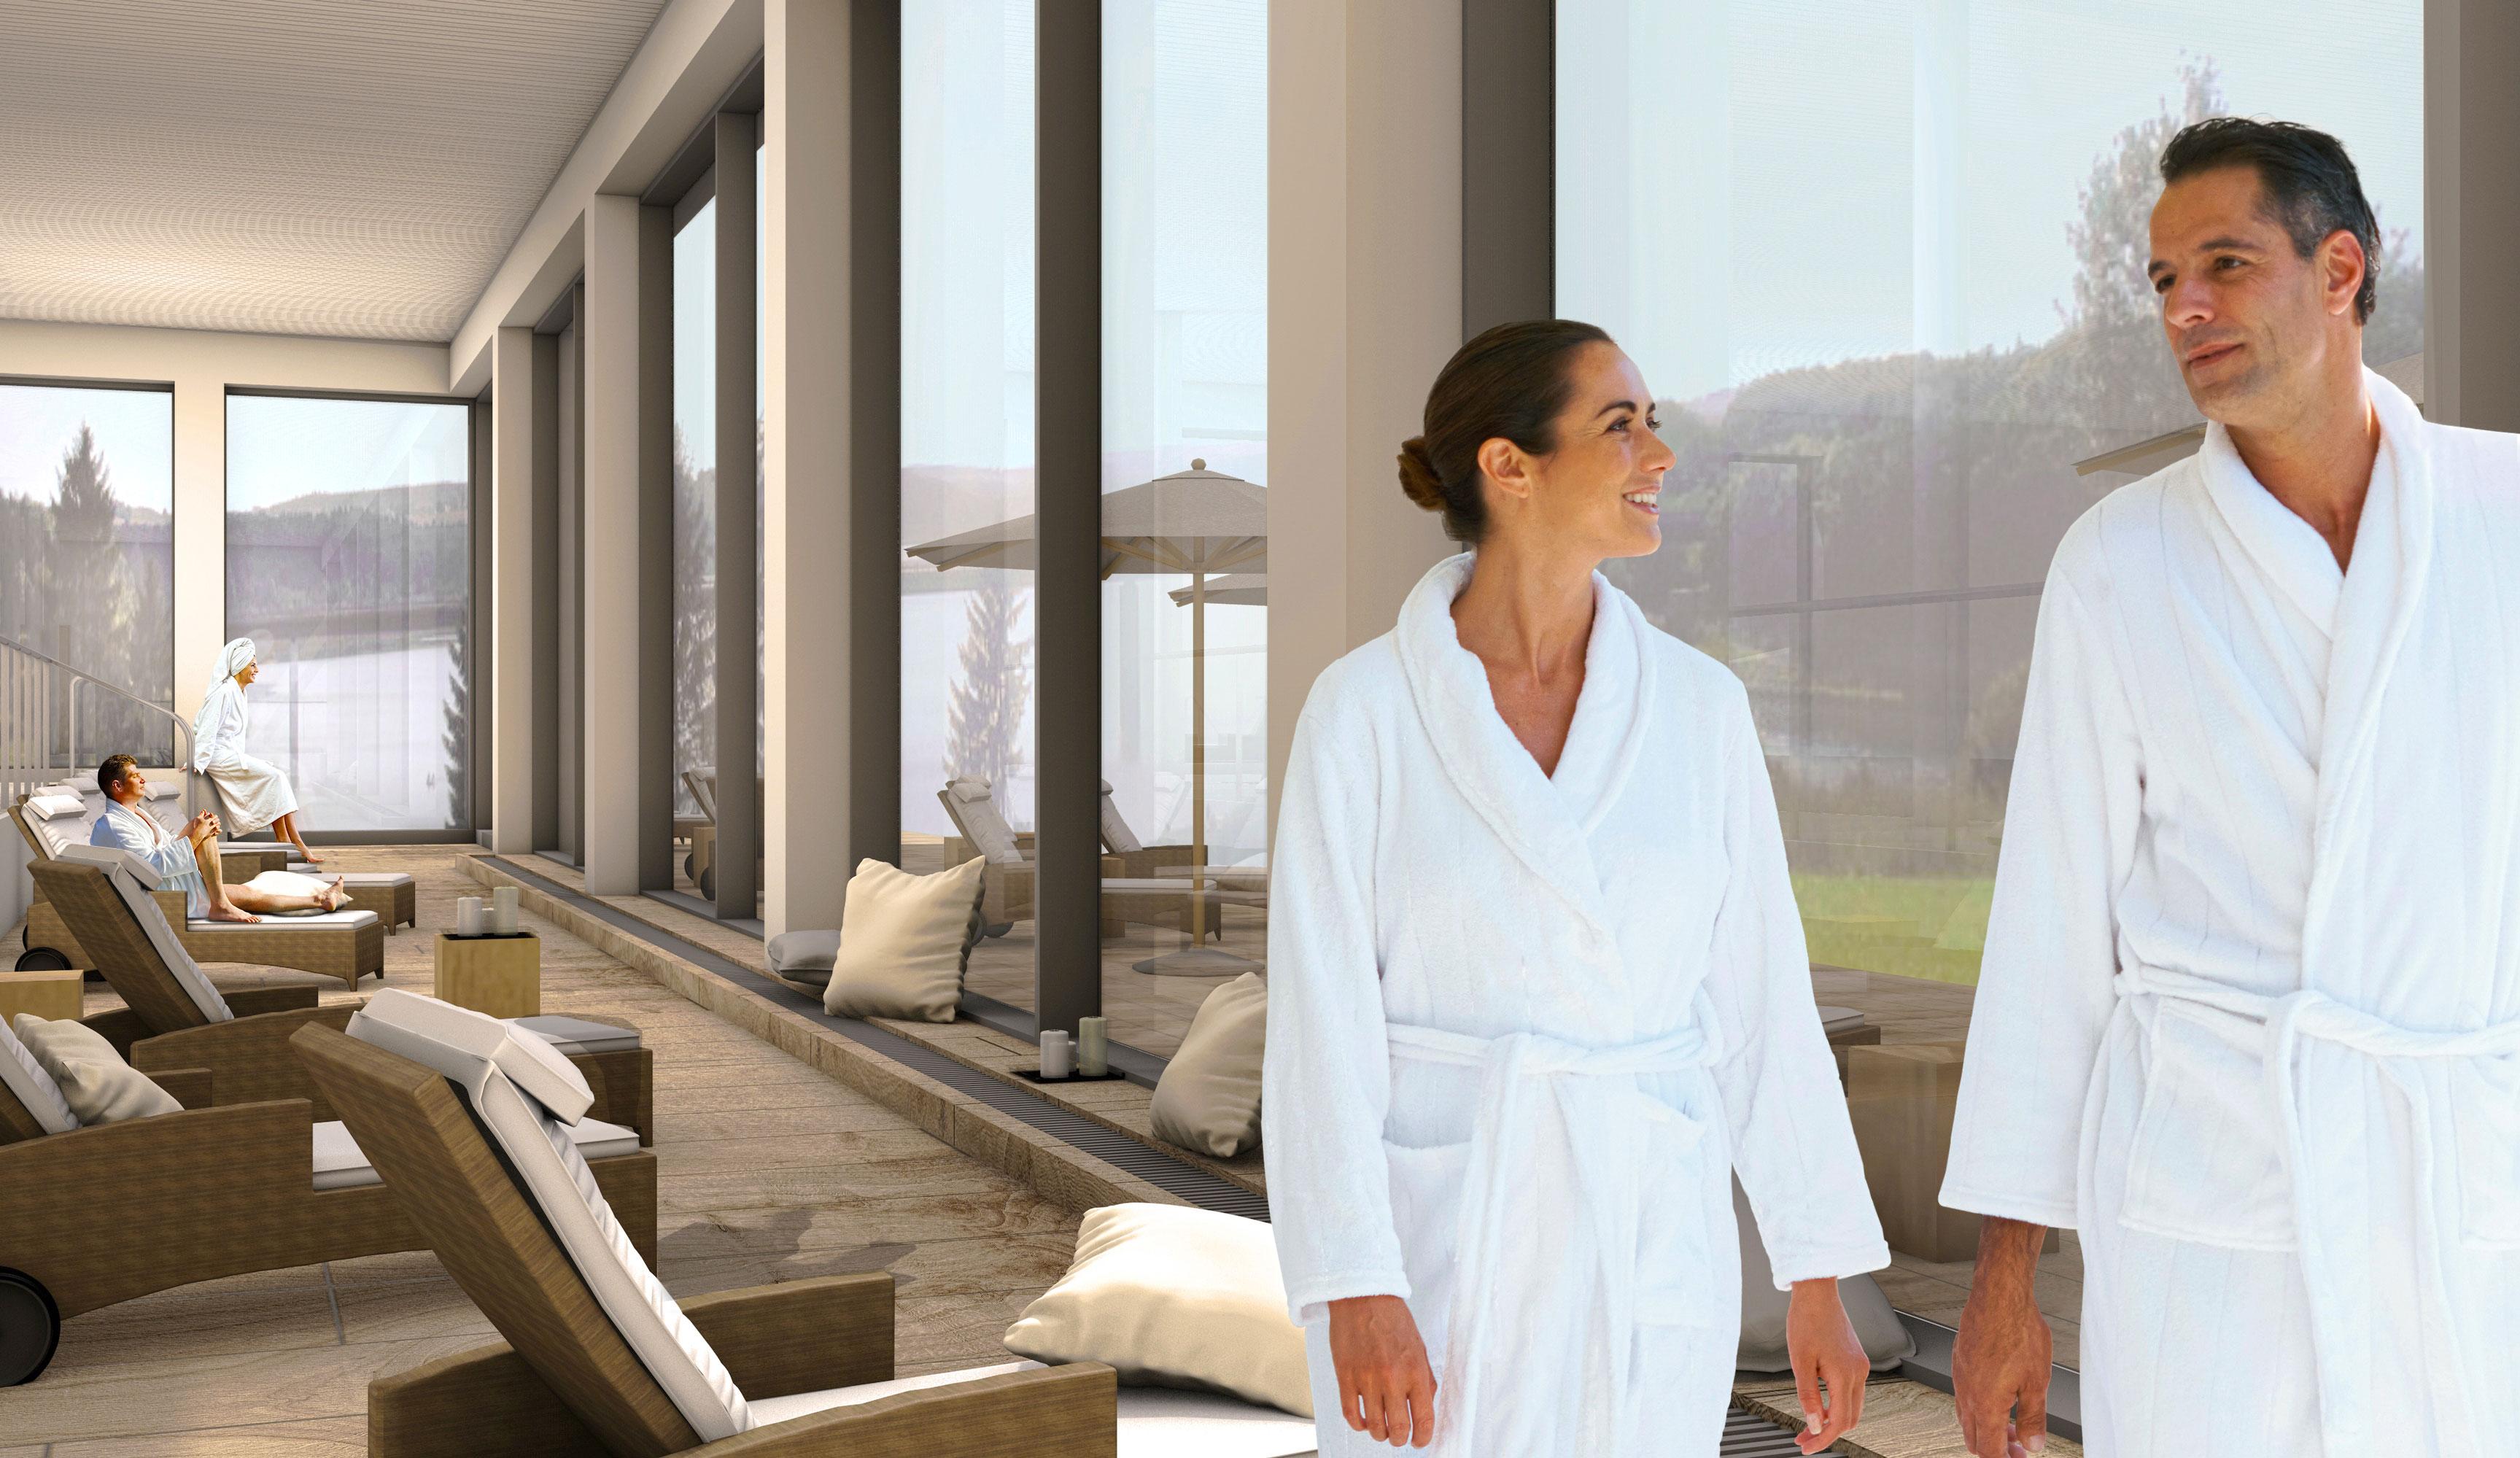 Neueröffnung des Panorama Spa im Bio-Seehotel Zeulenroda